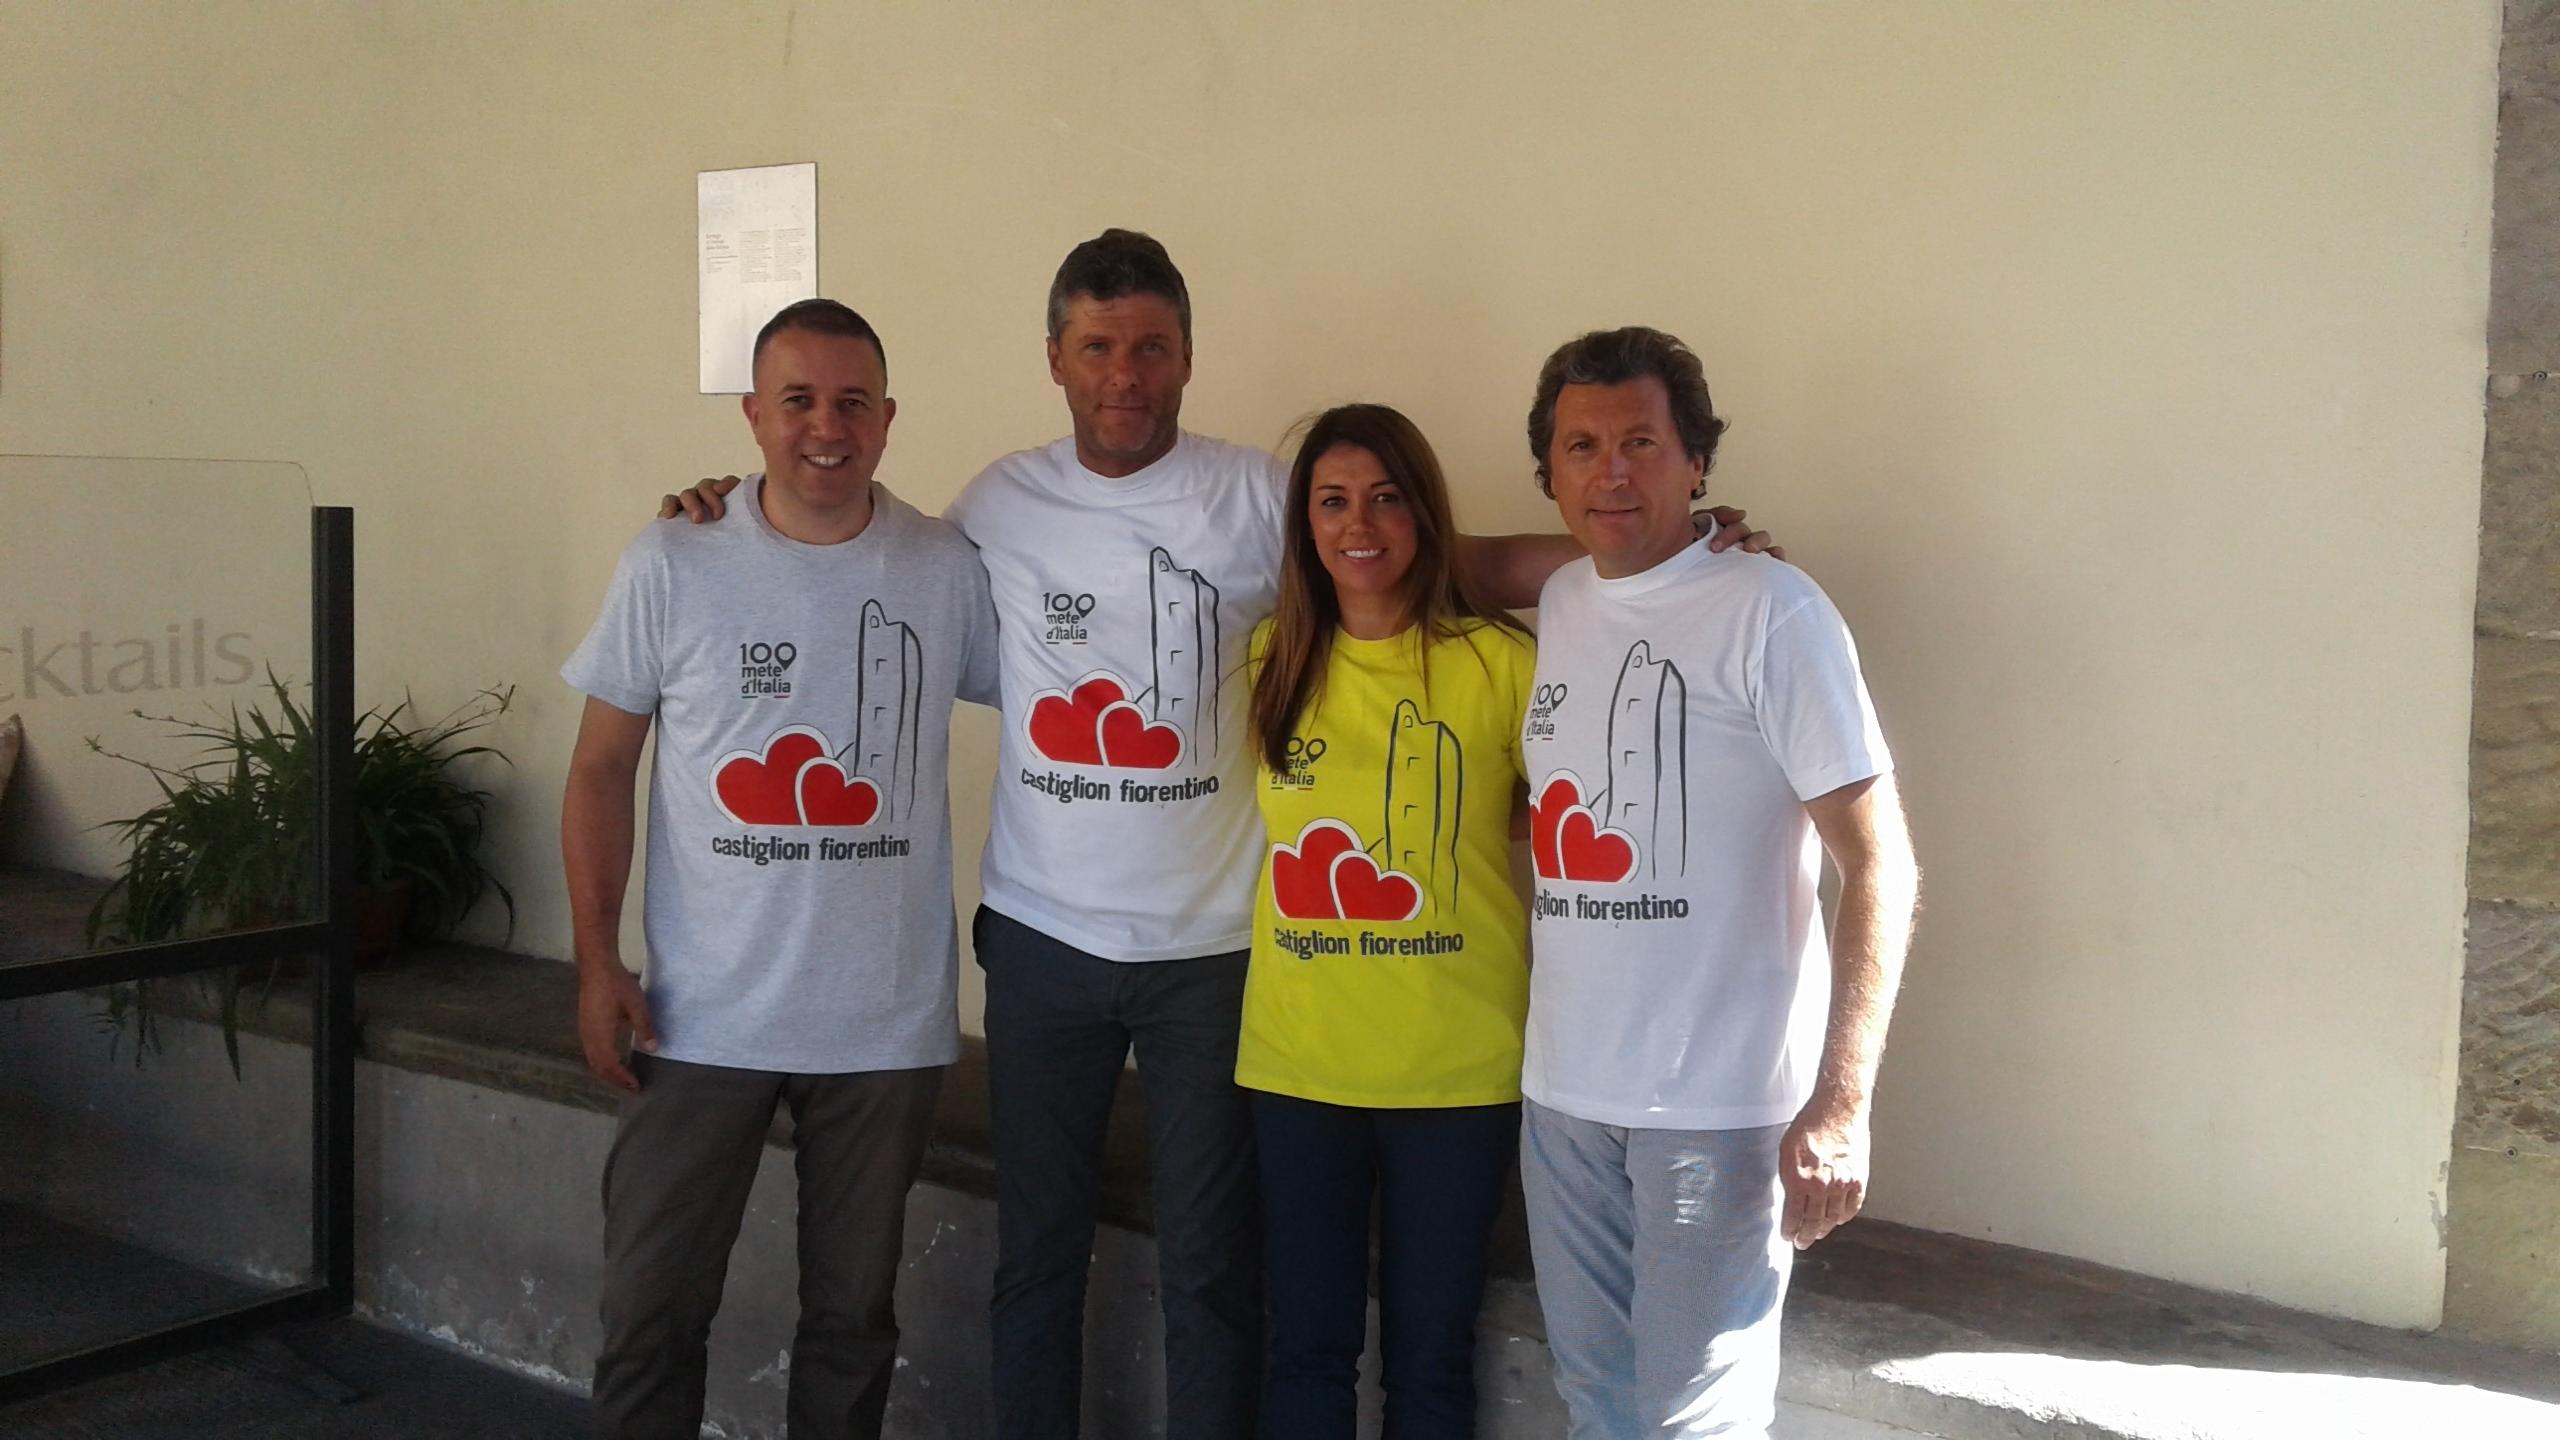 La nuova t-shirt ufficiale di Castiglion Fiorentino